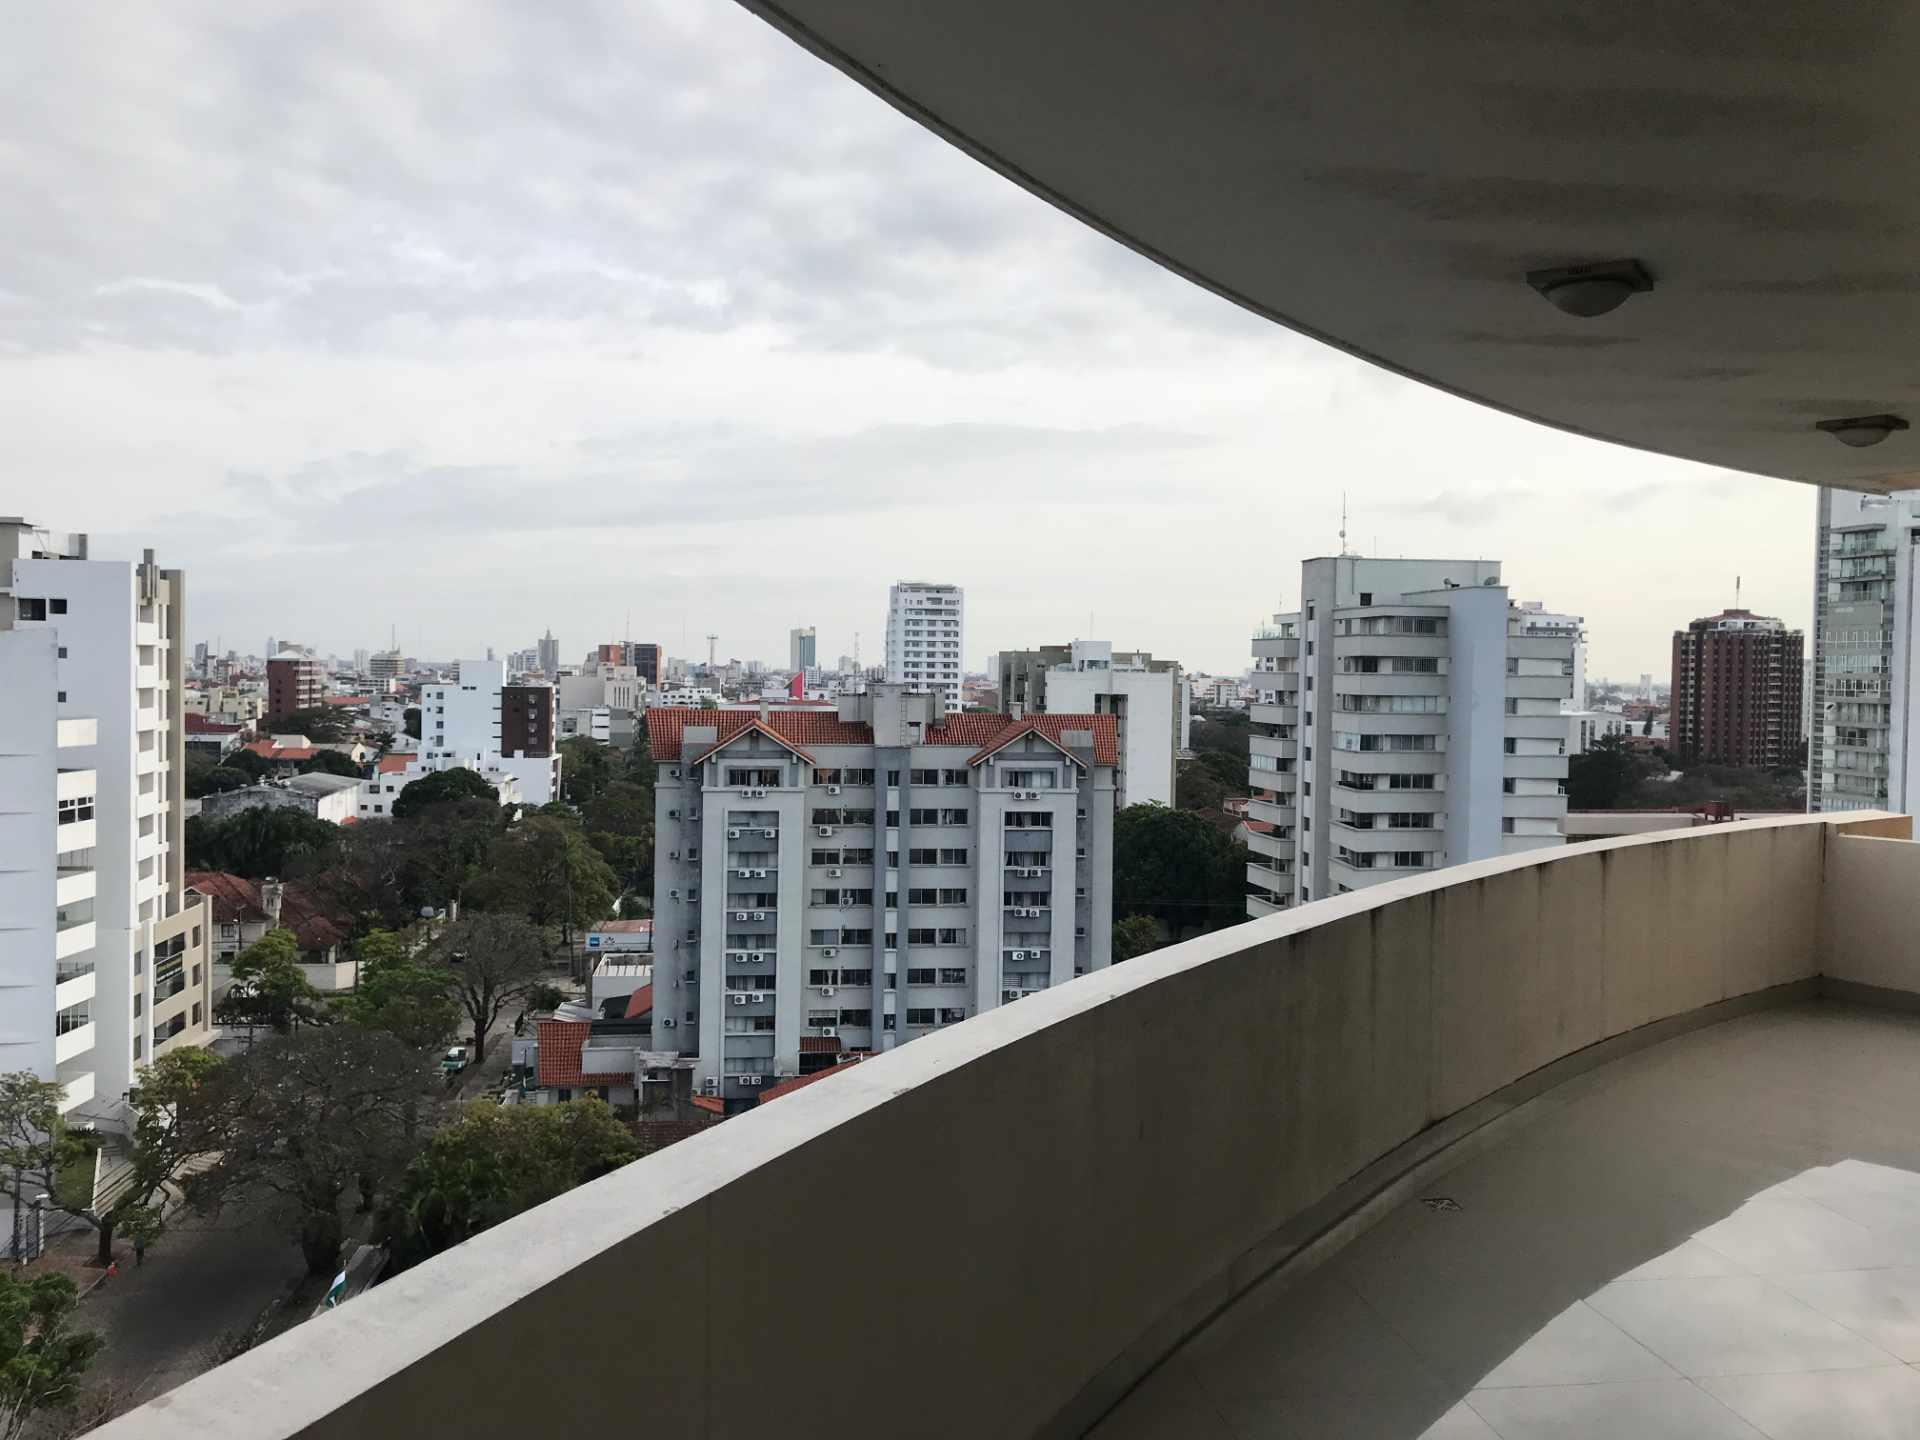 Departamento en Venta Torre Elvira de Mendoza, sobre c/Elvira de Mendoza entre Av. Las Américas y c/Monseñor Santistevan. Foto 3